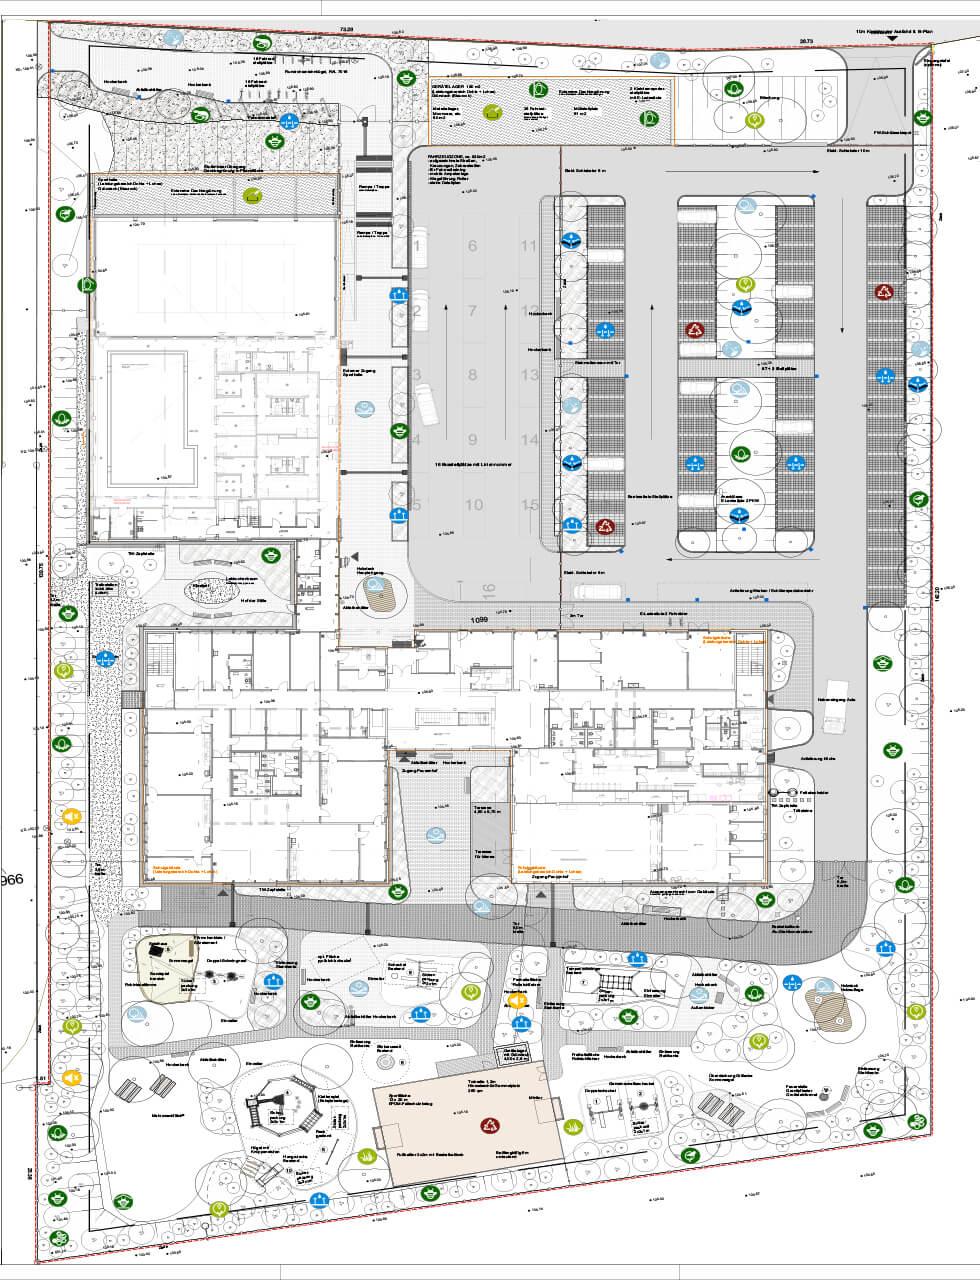 Blaurock-Landschaftsarchitektur-Astrid-Lindgren-Schule-Lemgo-Biodiversitätsplan